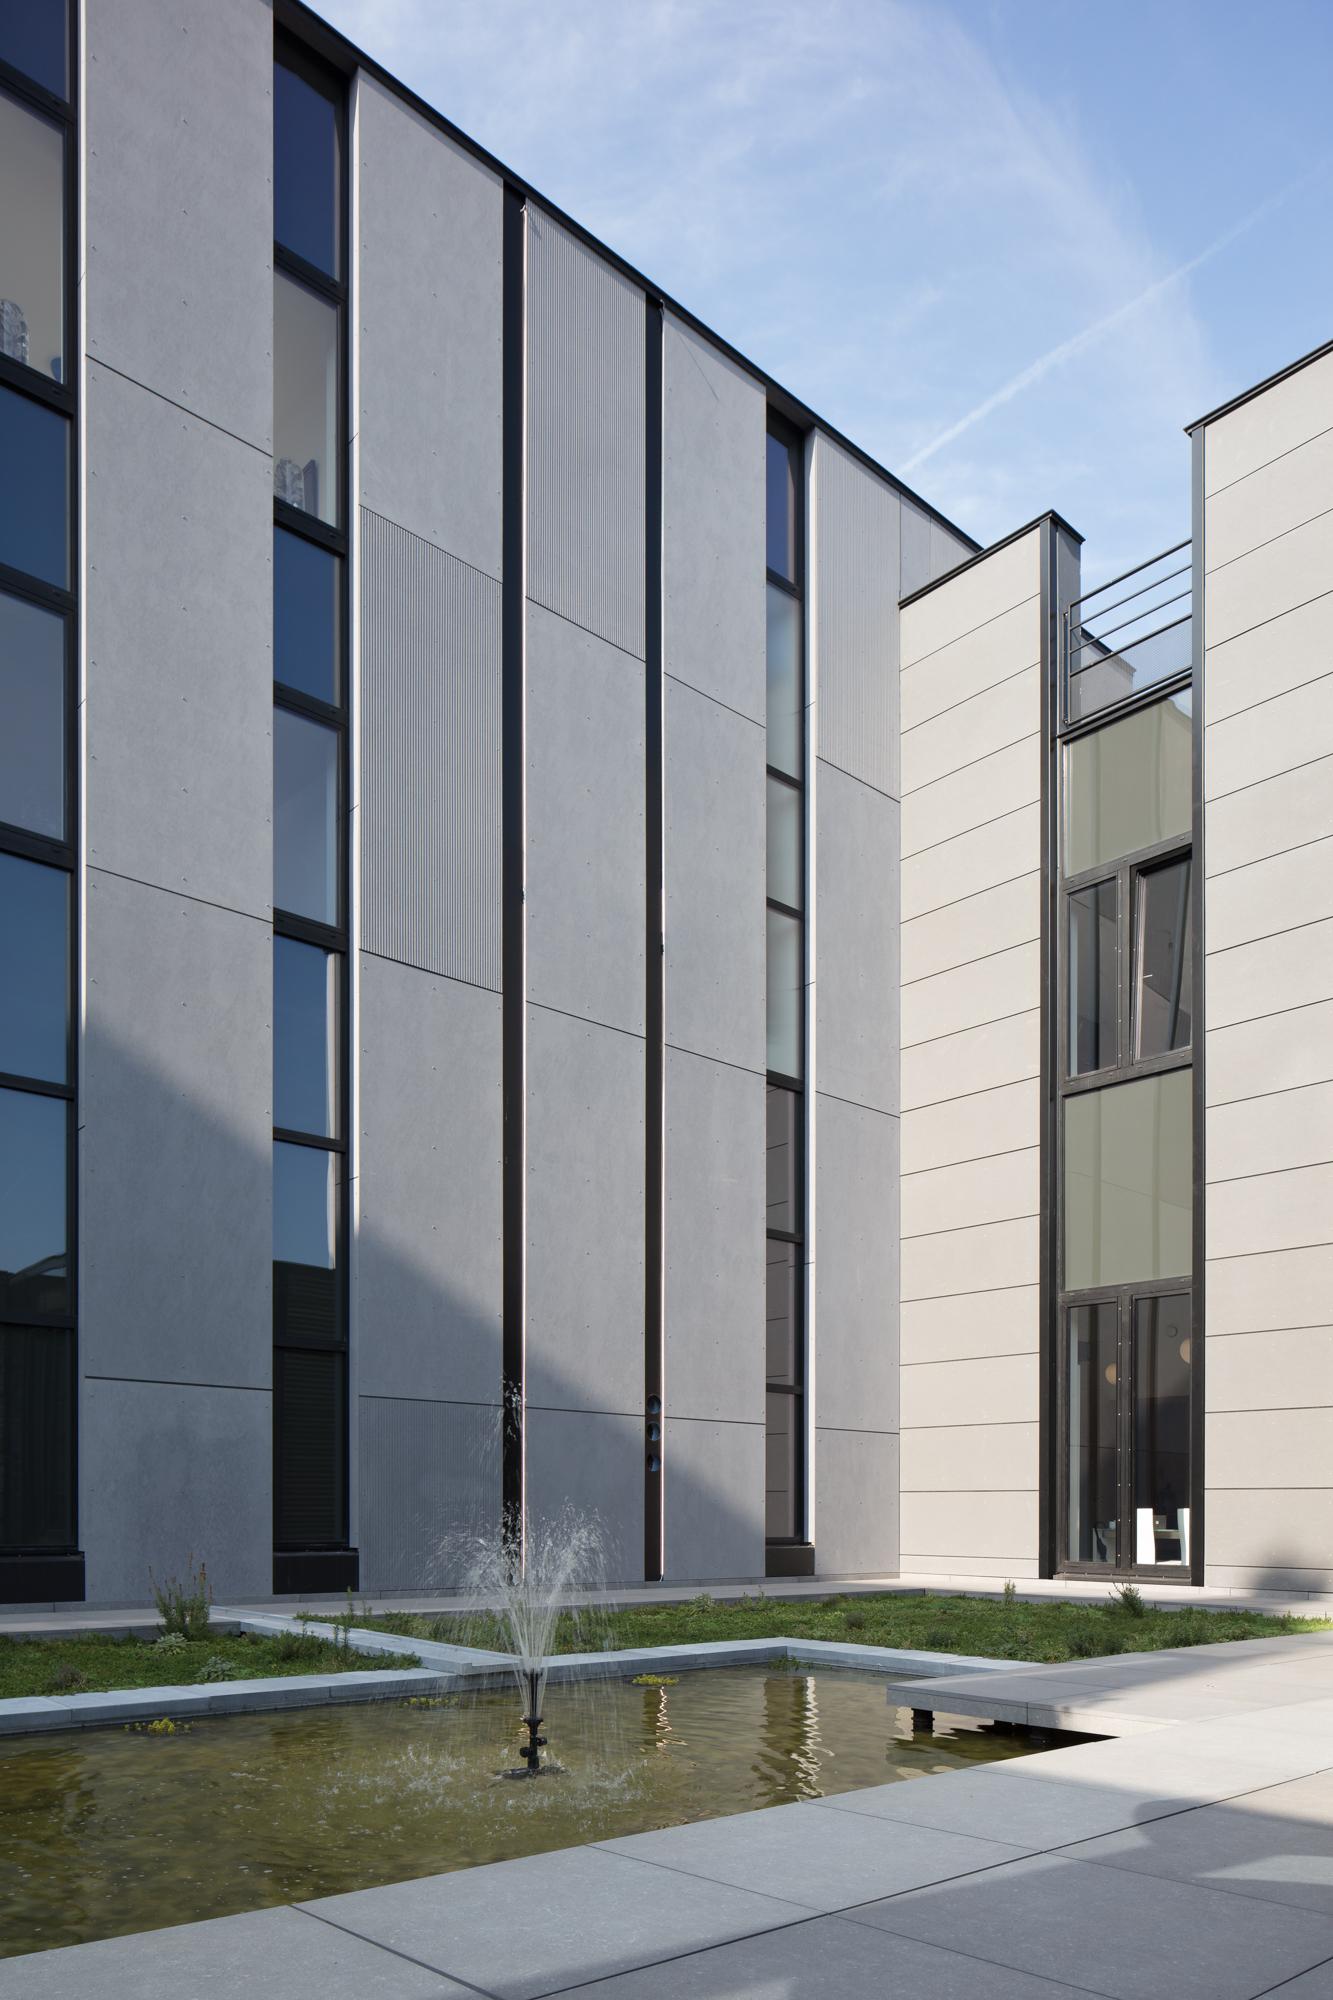 Duurzaam architecten- en ingenieursbureau